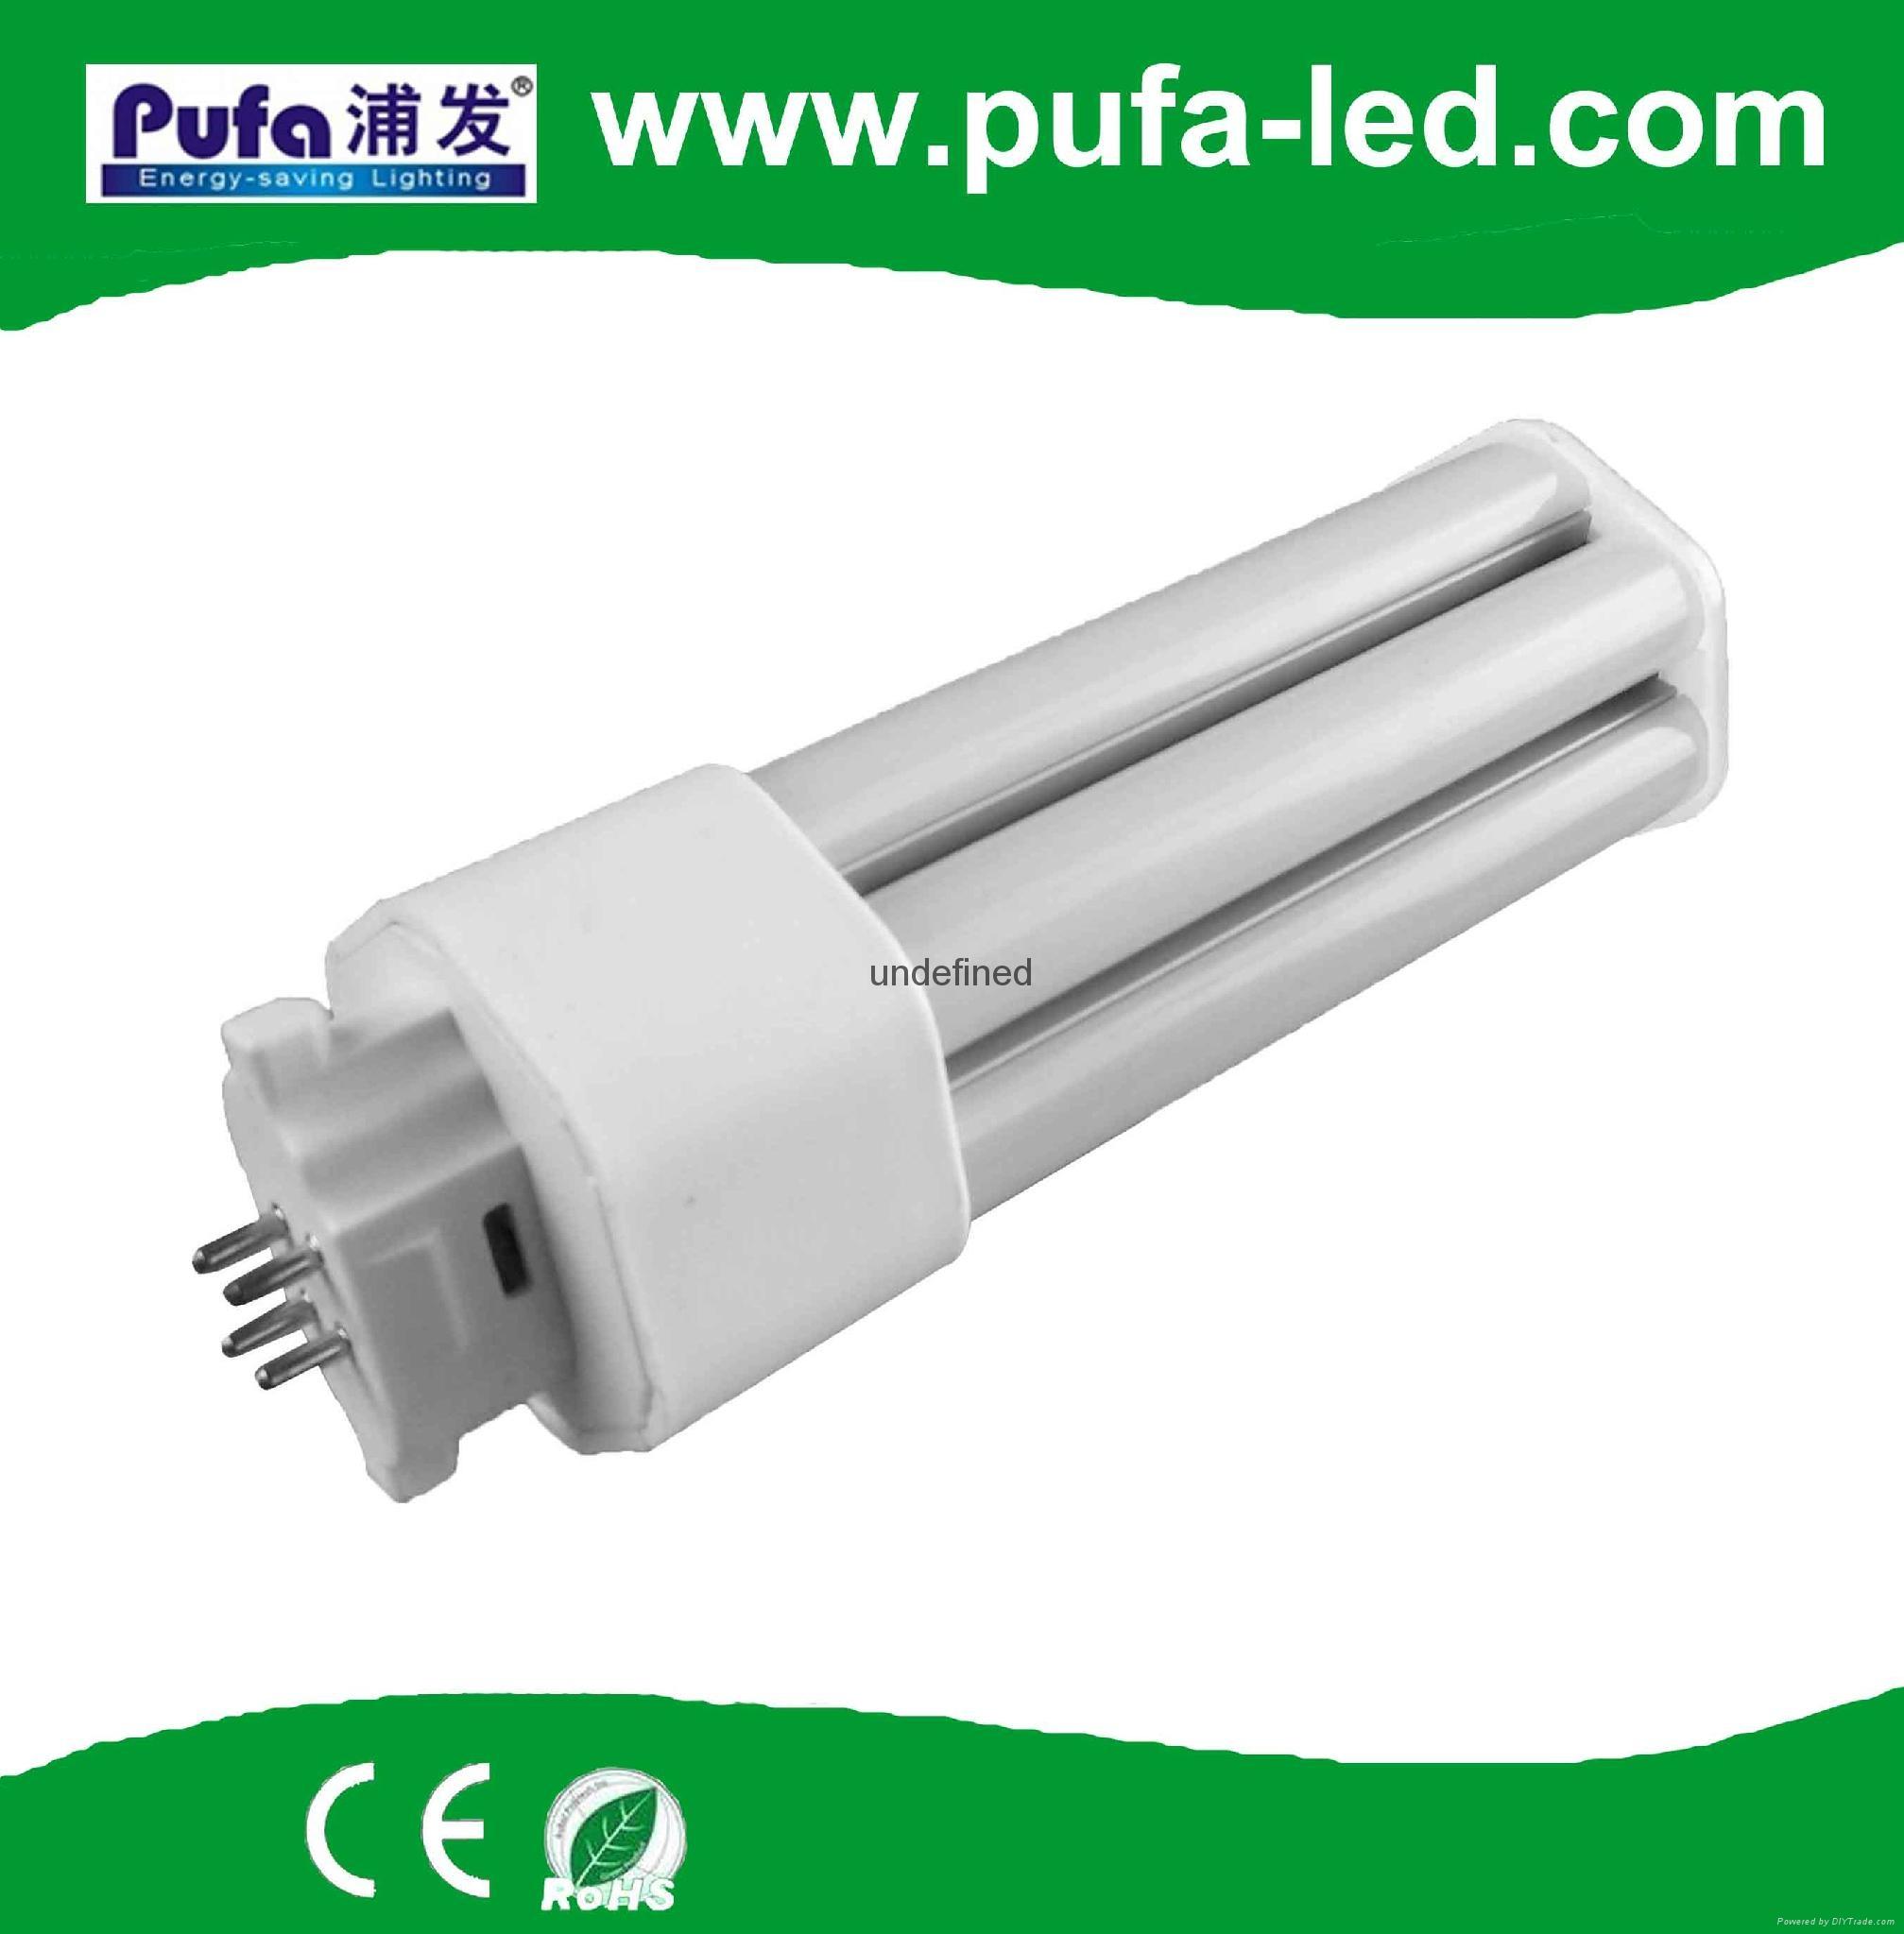 GX10Q節能燈13W 1